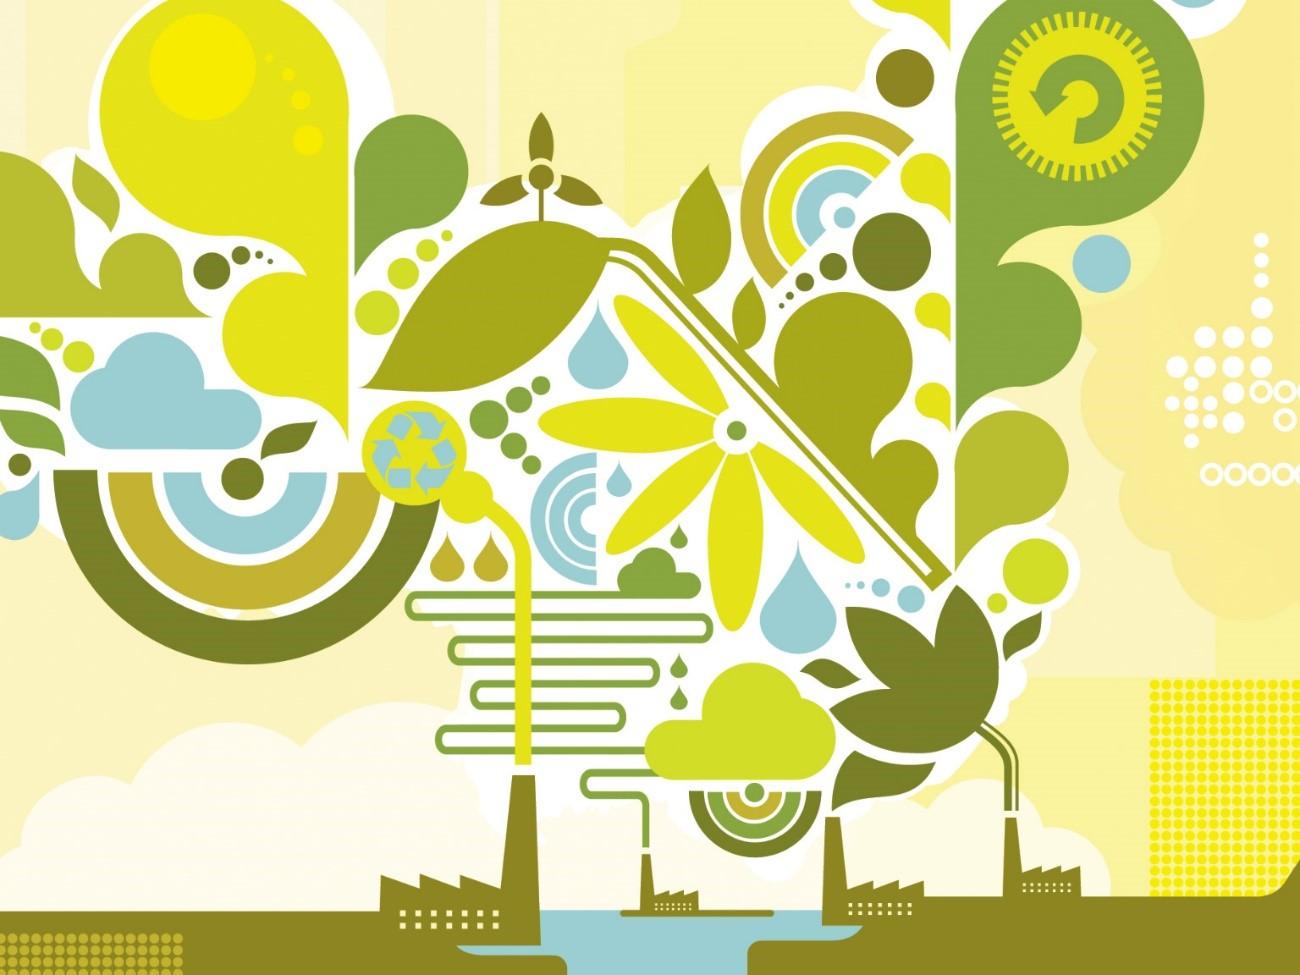 Innovar en tecnologías verdes: una apuesta mundial